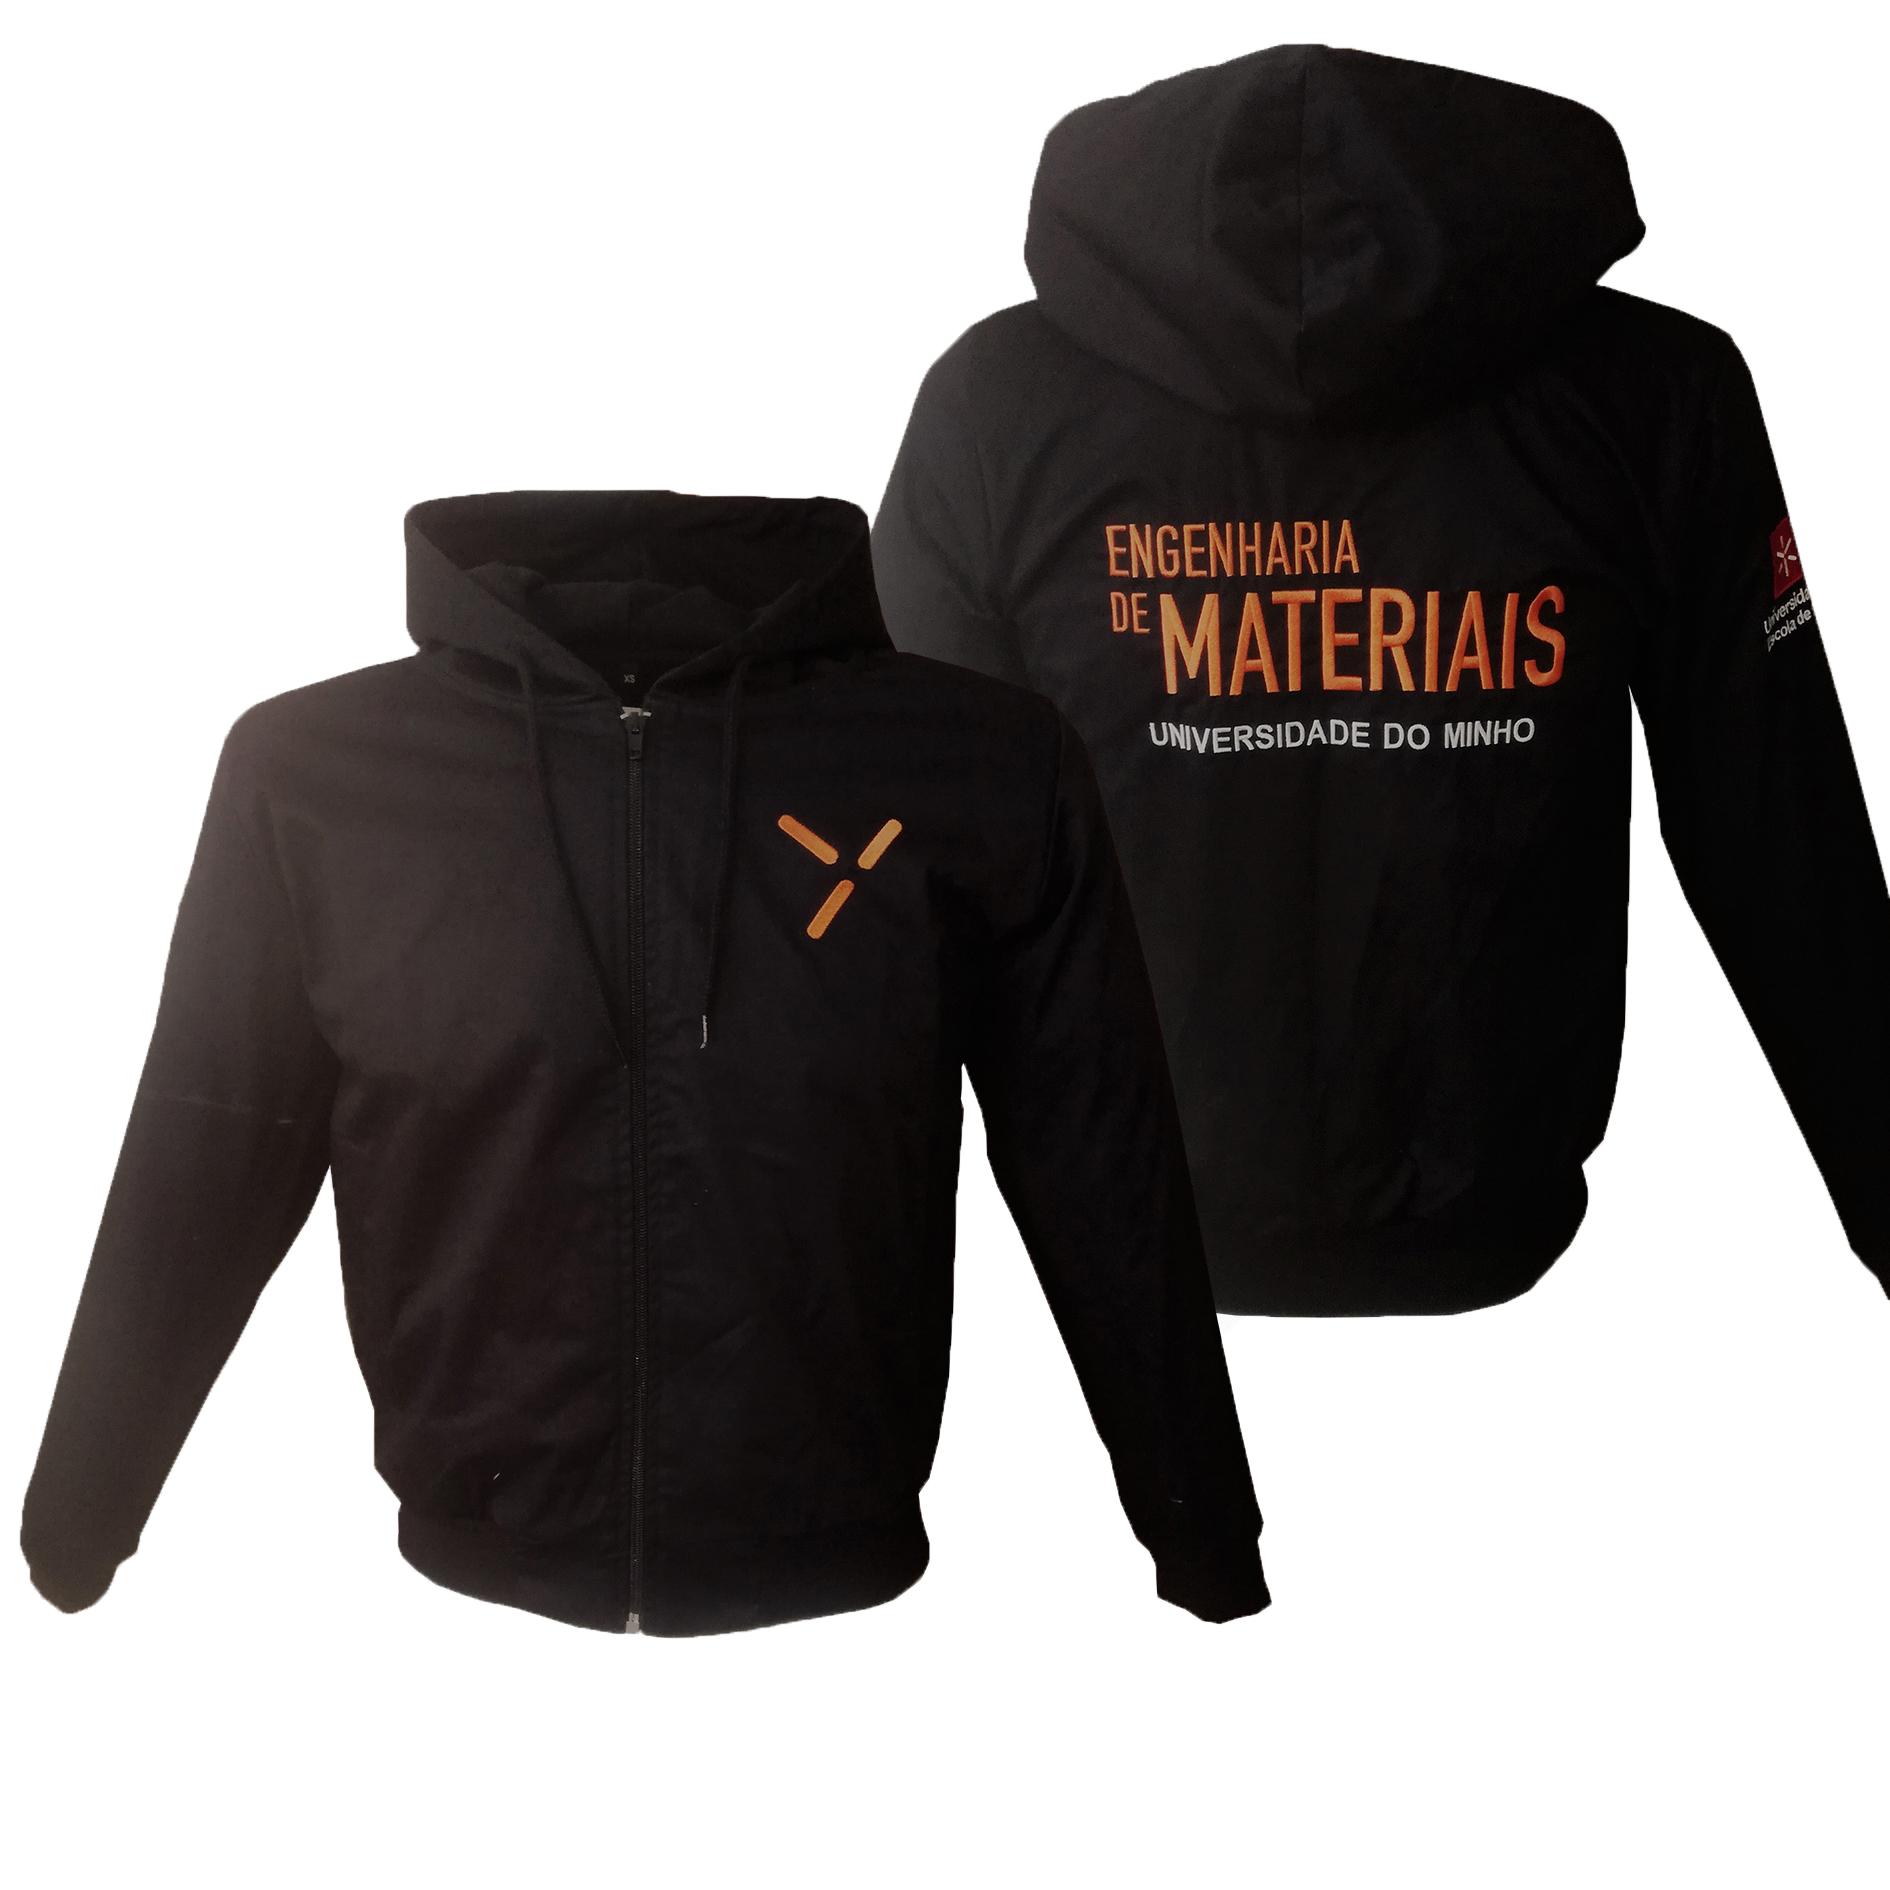 Engenharia de Materiais - Impermeável